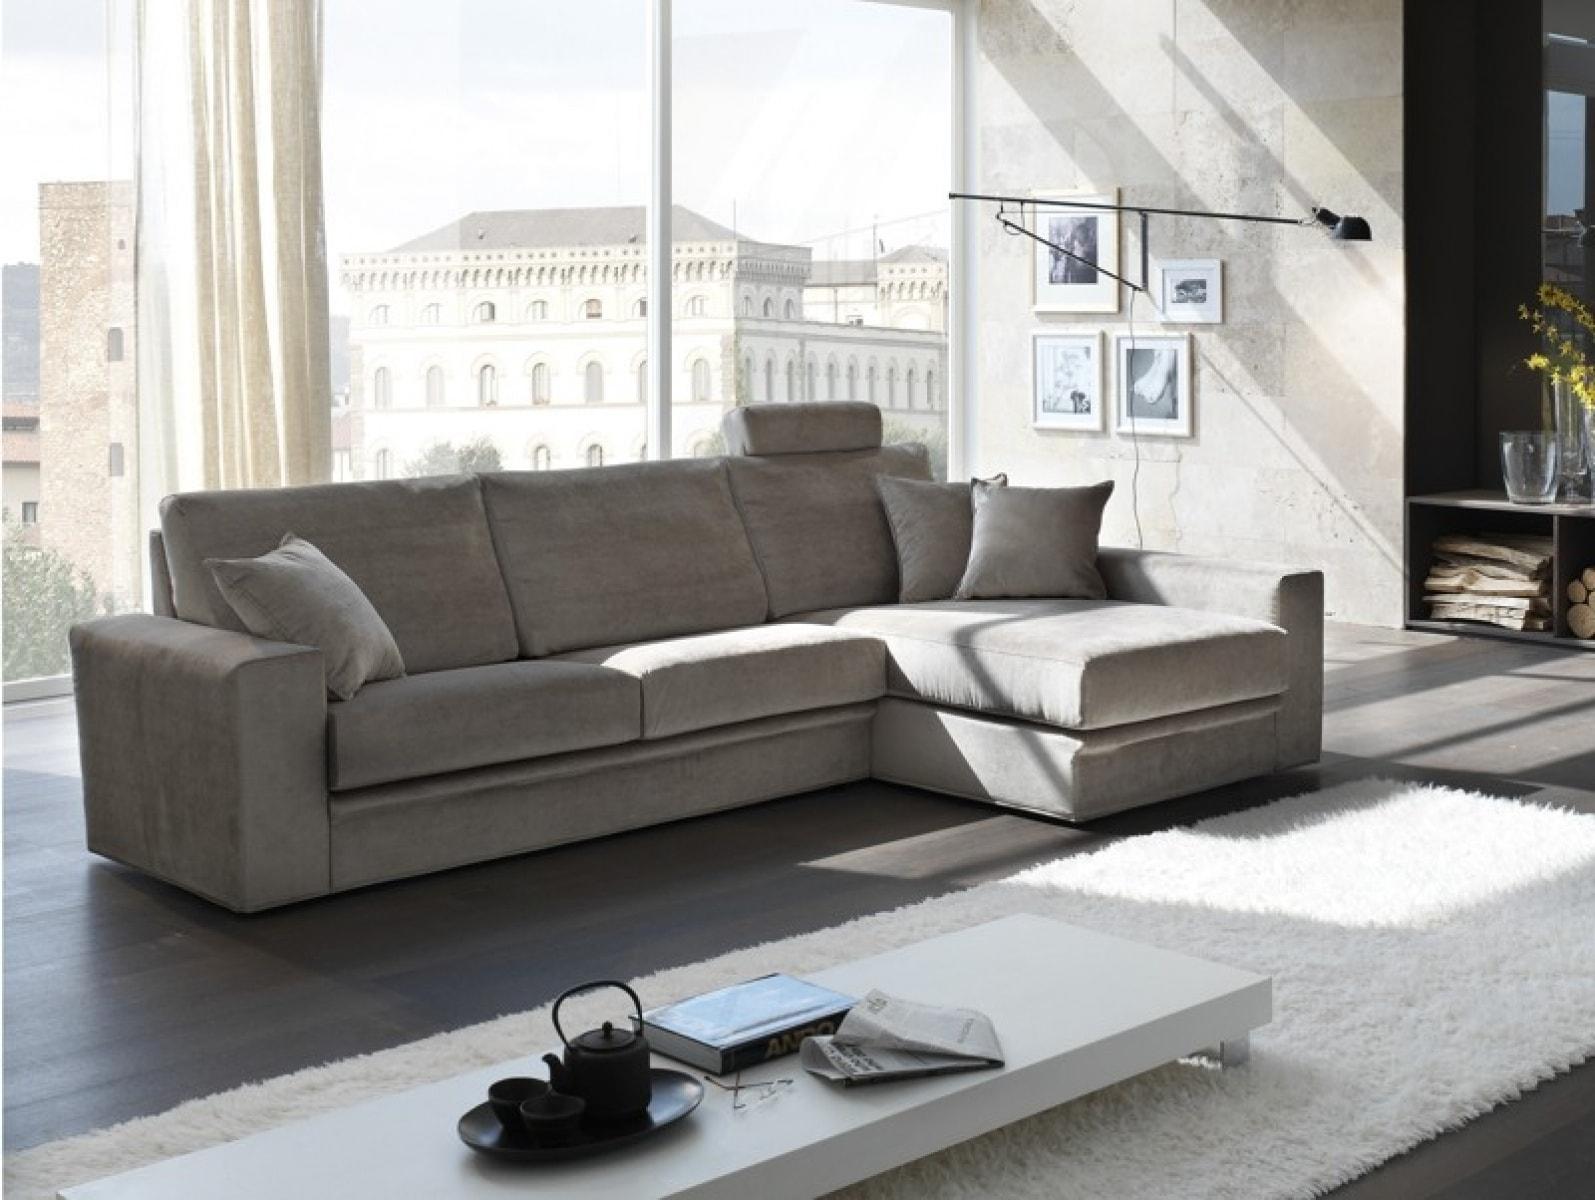 Divani Doimo Opinioni : Divani rosy mobili mobilificio nichelino torino lube store